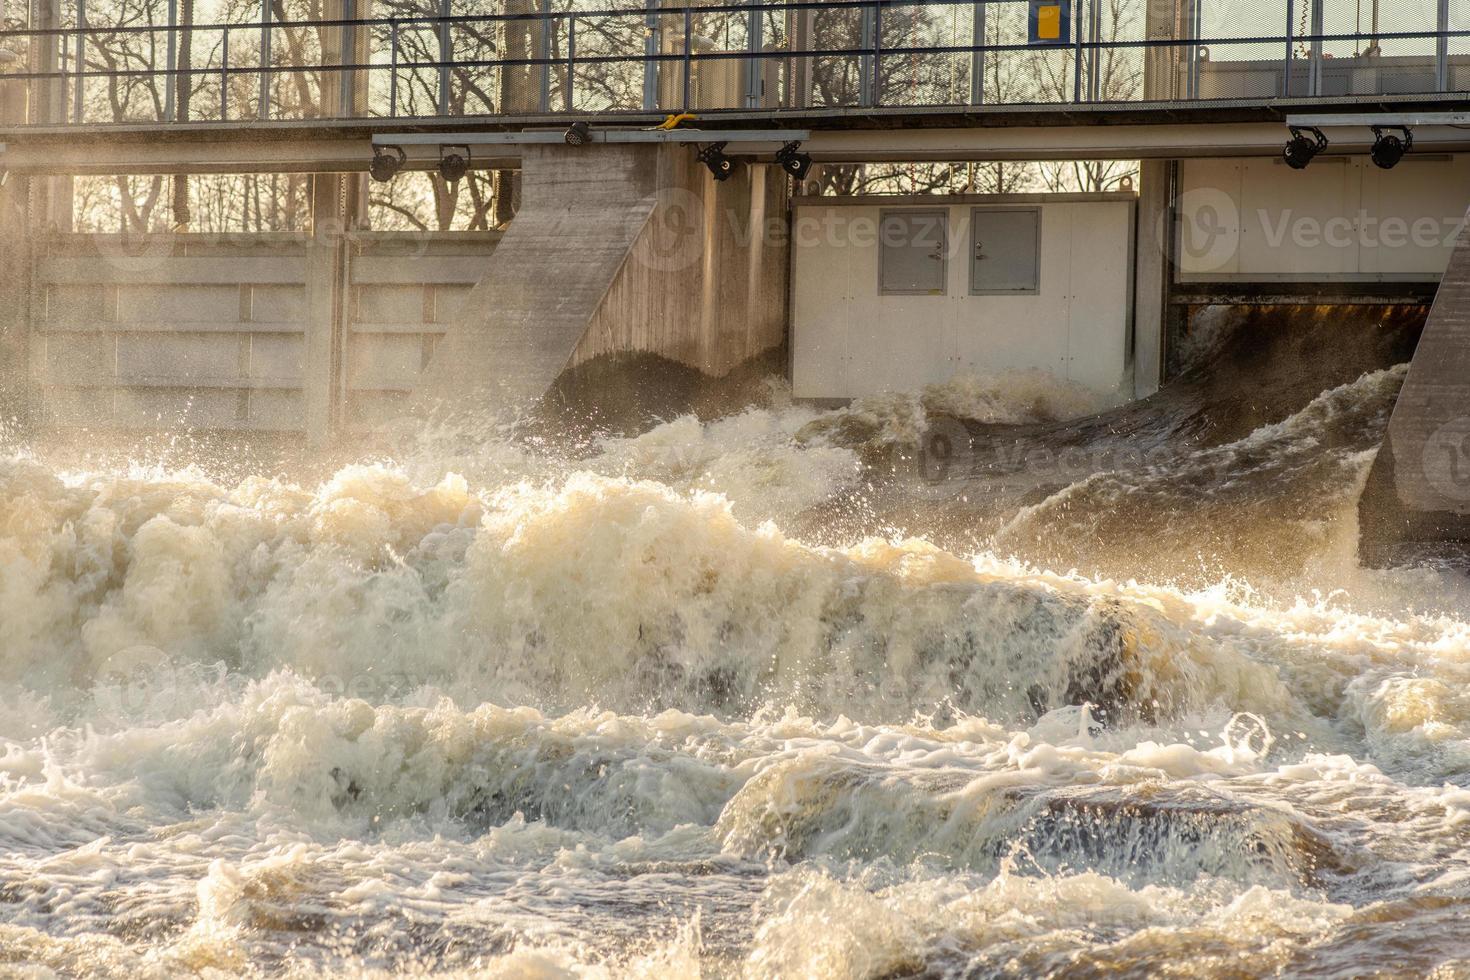 scarico dell'acqua da un cancello aperto in una centrale idroelettrica foto